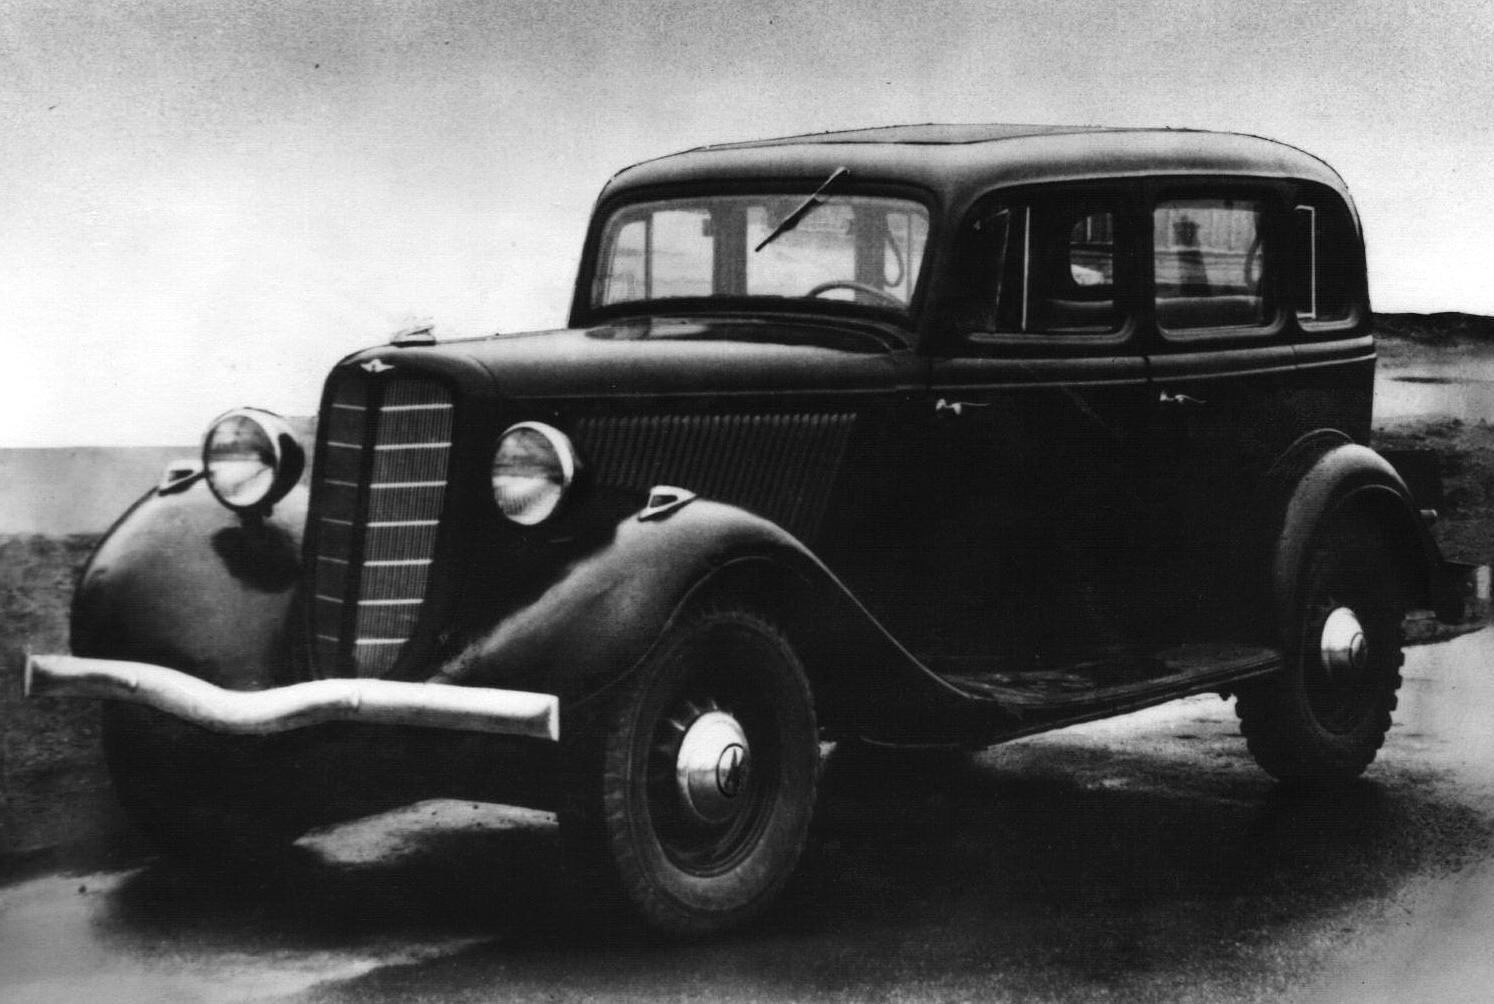 ГАЗ-М1 (1936-1943) Легковой автомобиль довоенного периода